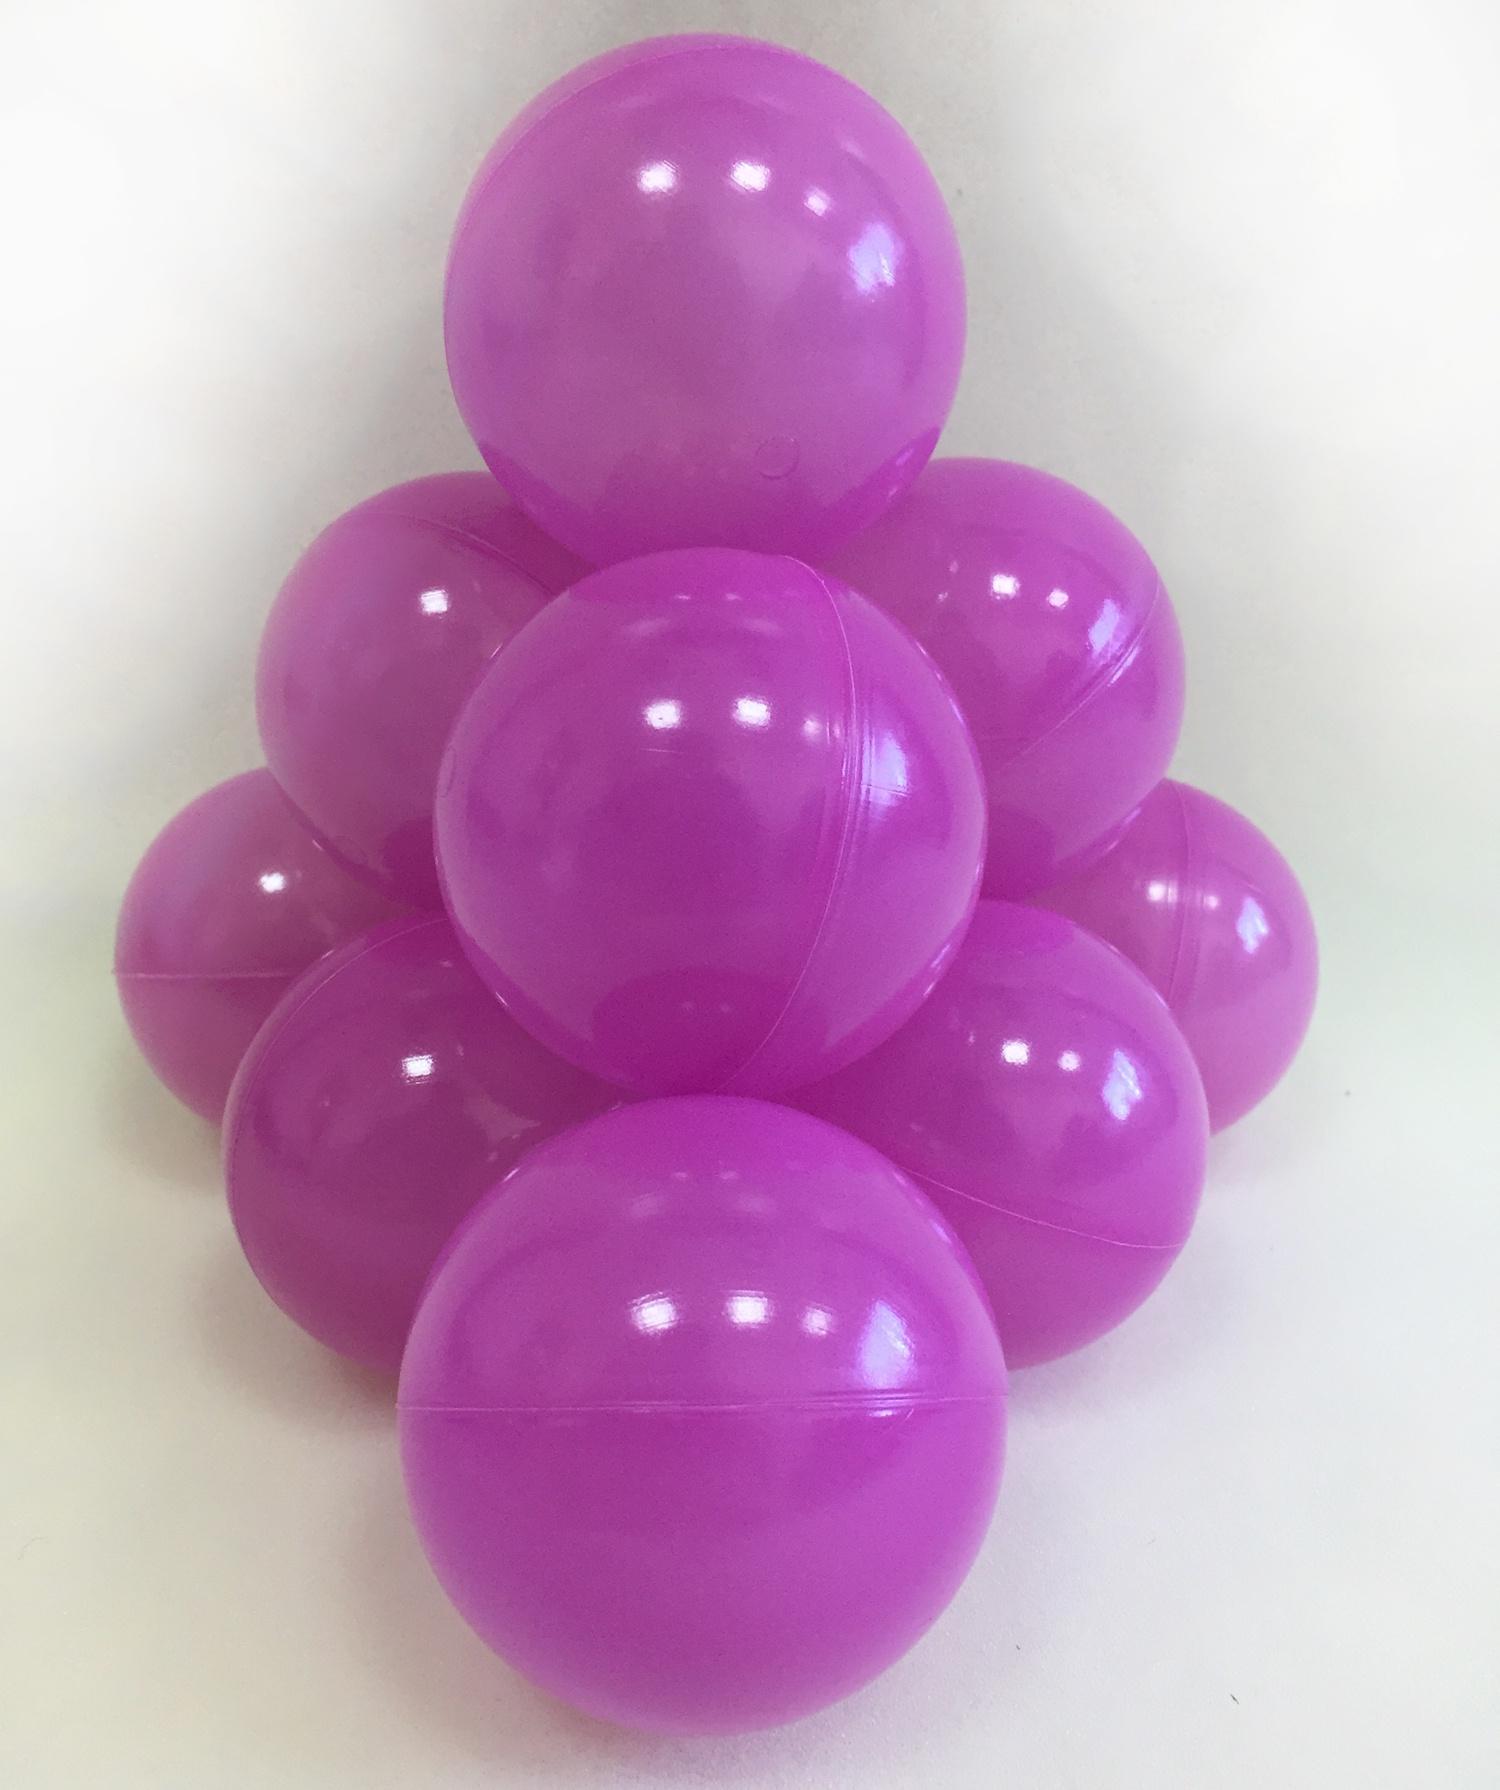 Фото - Набор шариков для игрового бассейна Hotenok, цвет: фиолетовый, диаметр 7 см, 50 шт набор шаров шишки цвет золотой 7 см 3 шт